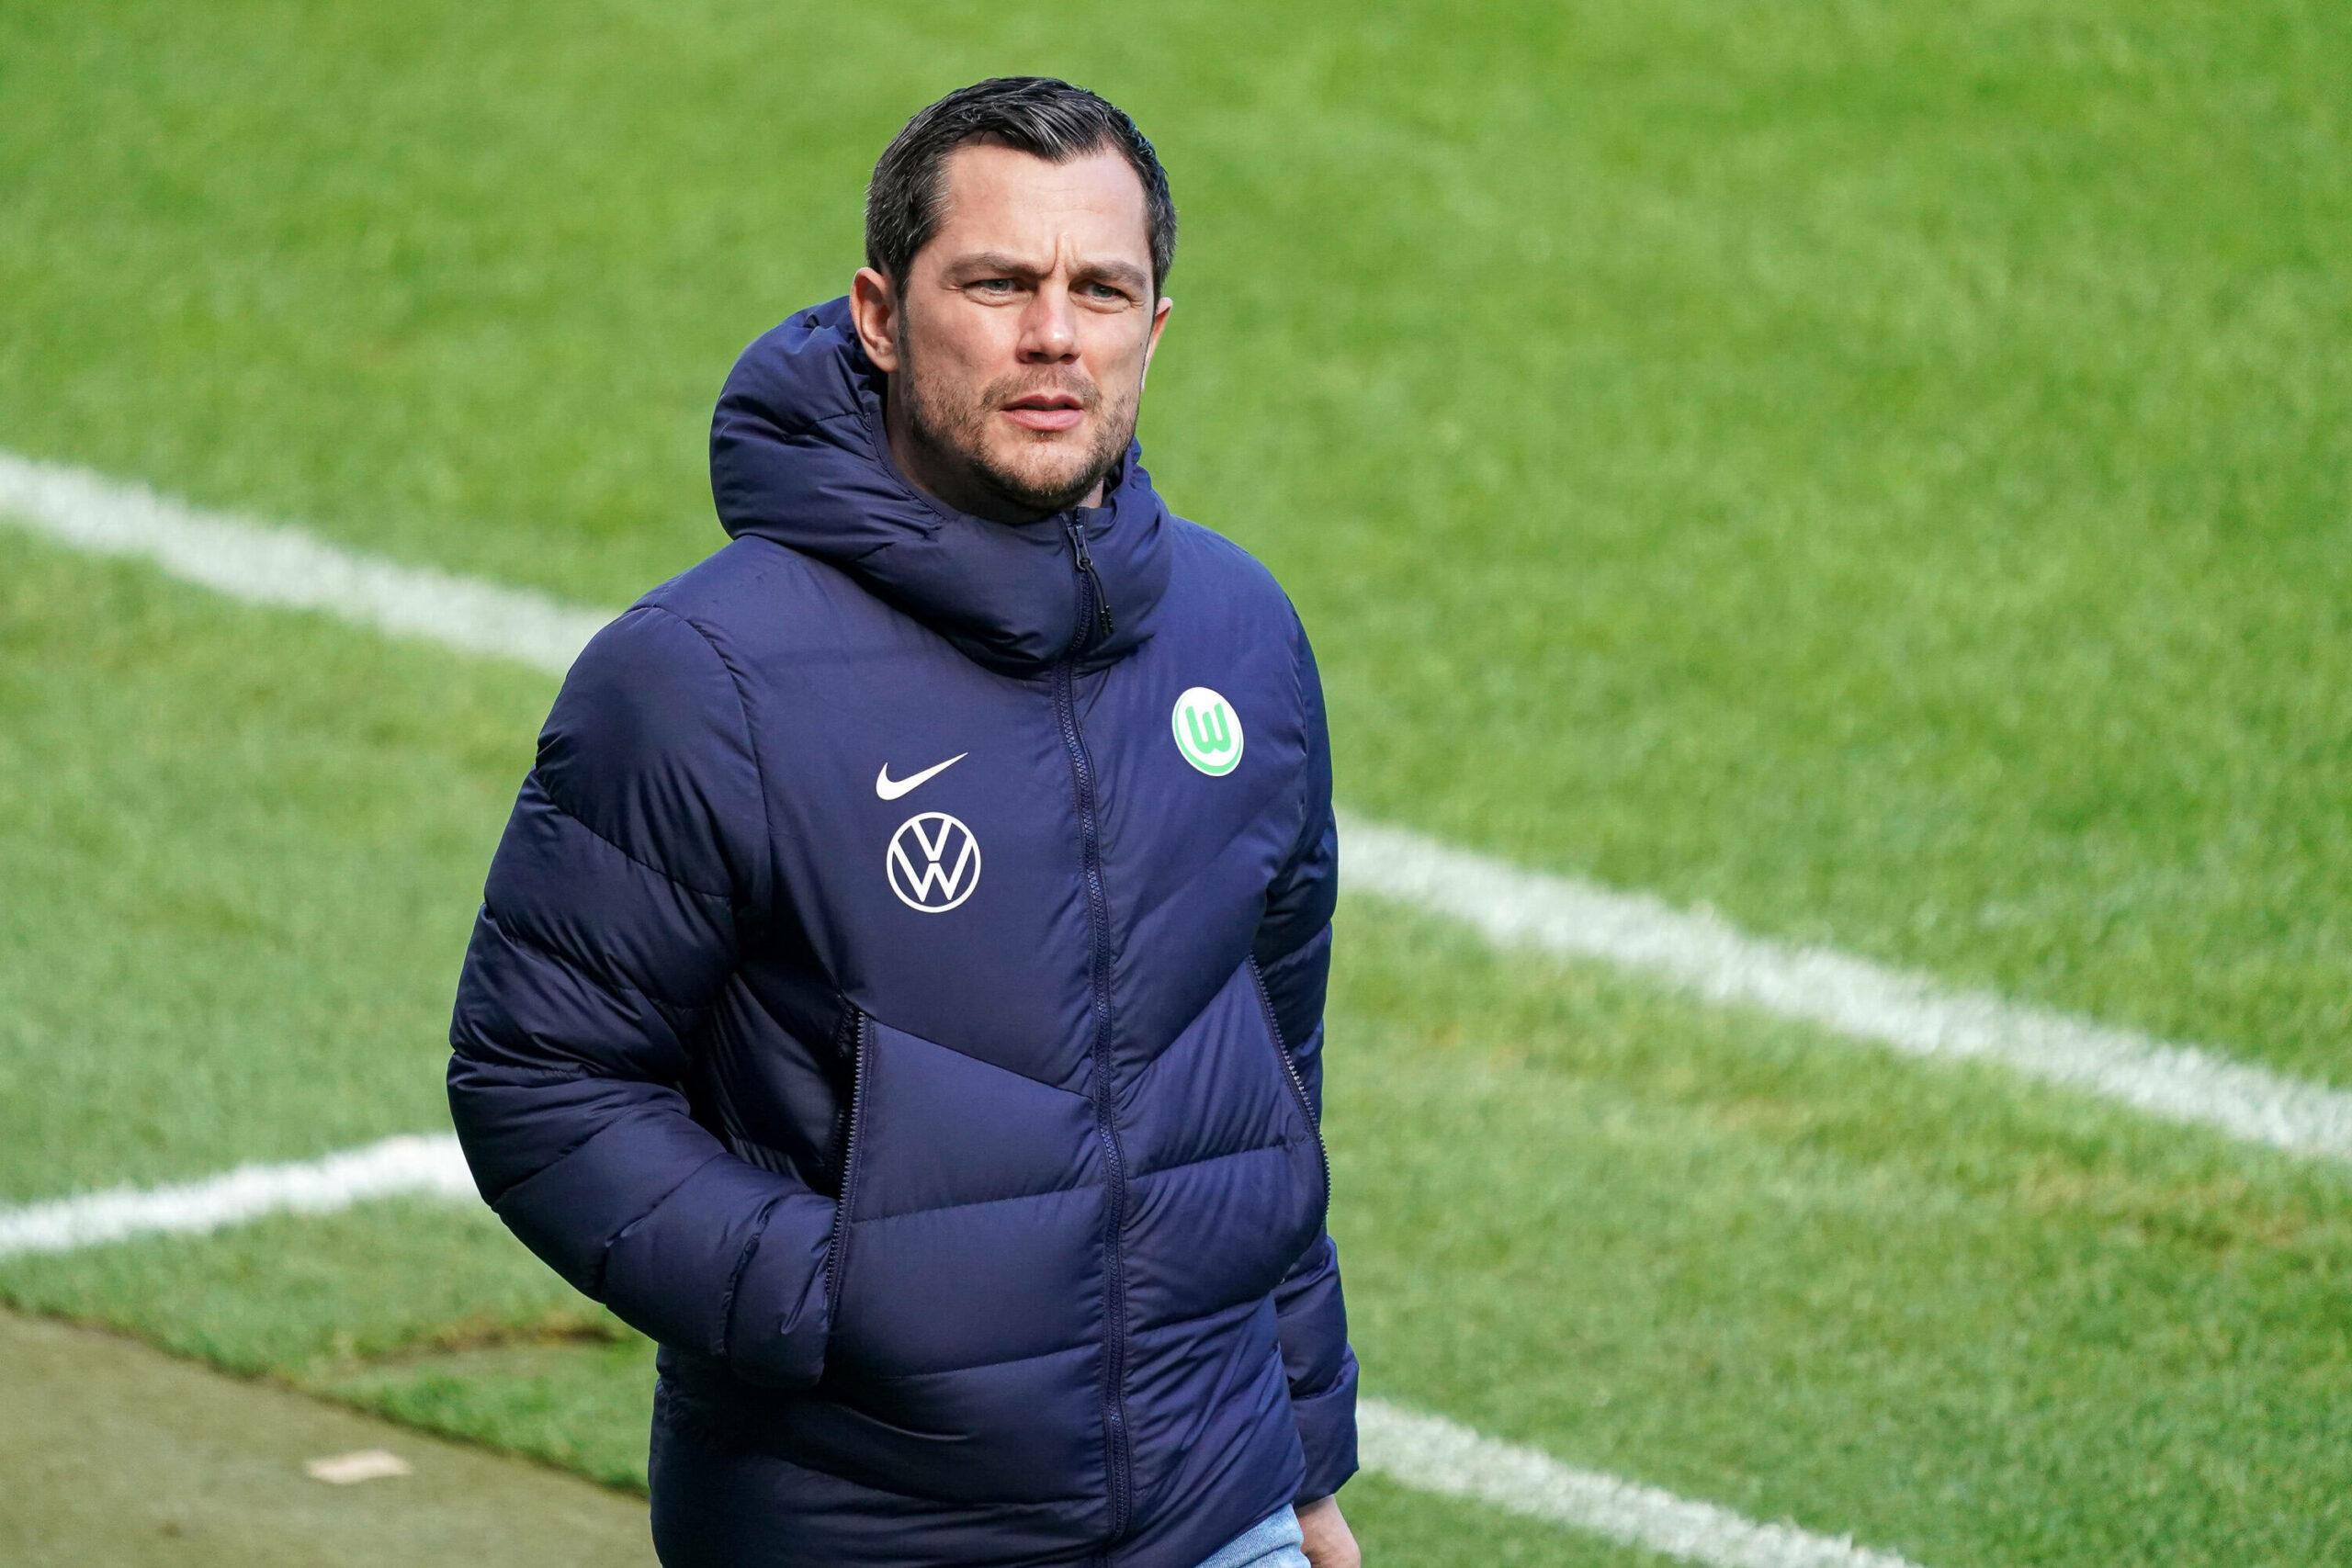 Marcel Schäfer (Sportdirektor, Wolfsburg)